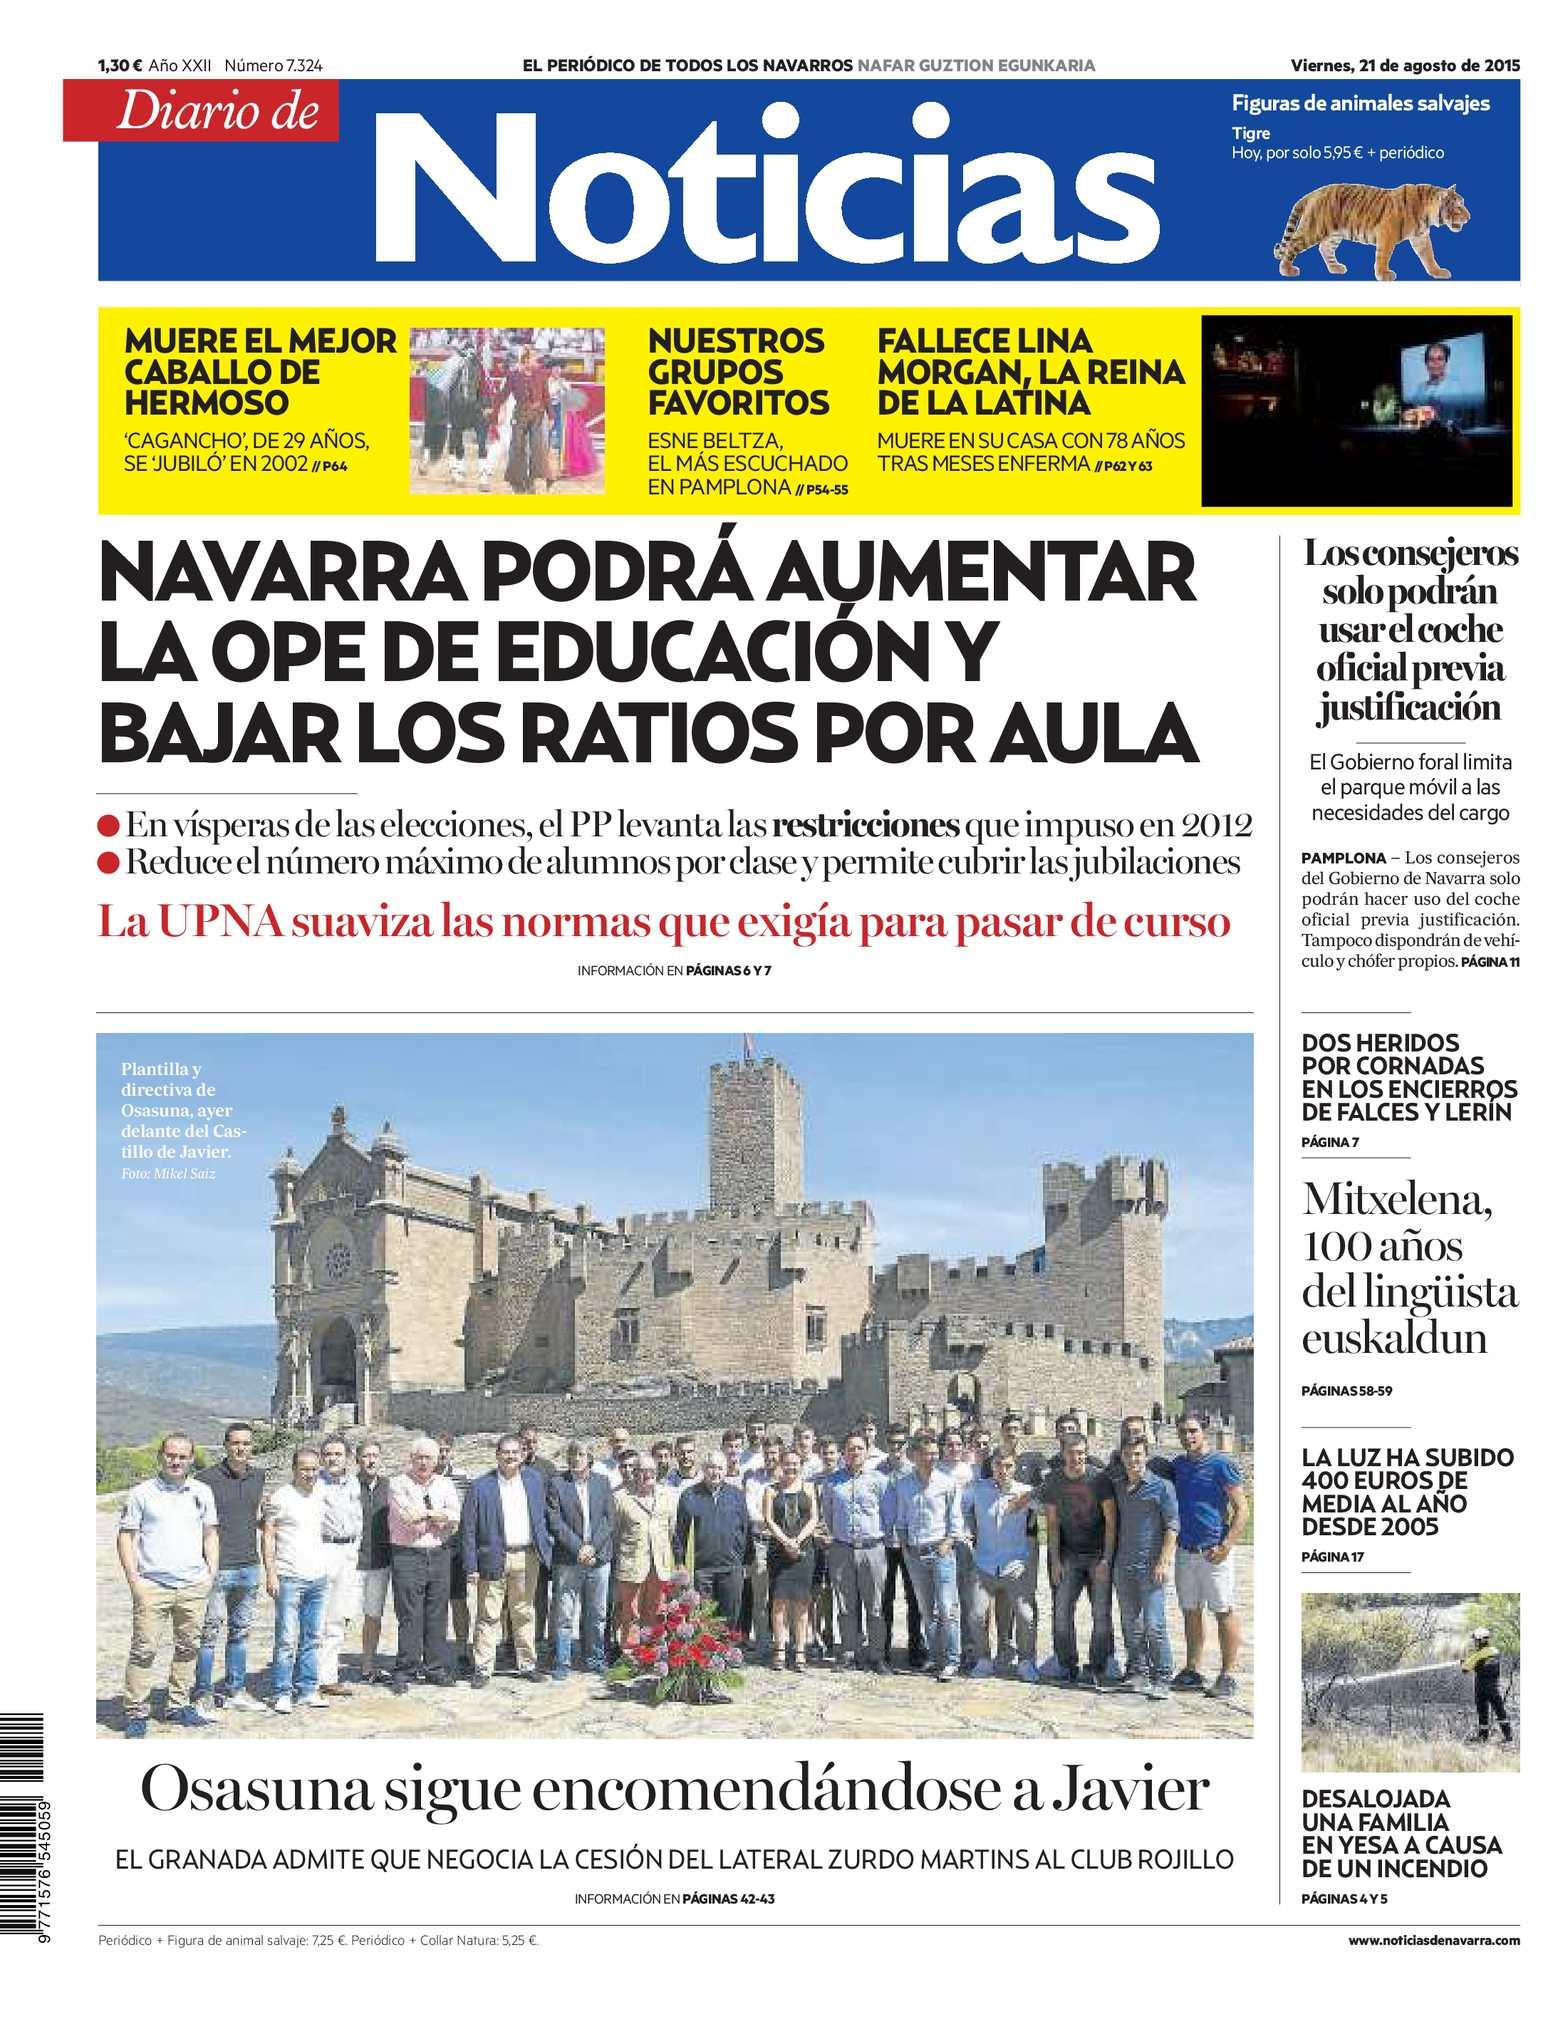 Calaméo - Diario de Noticias 20150821 752c20b8a8a3